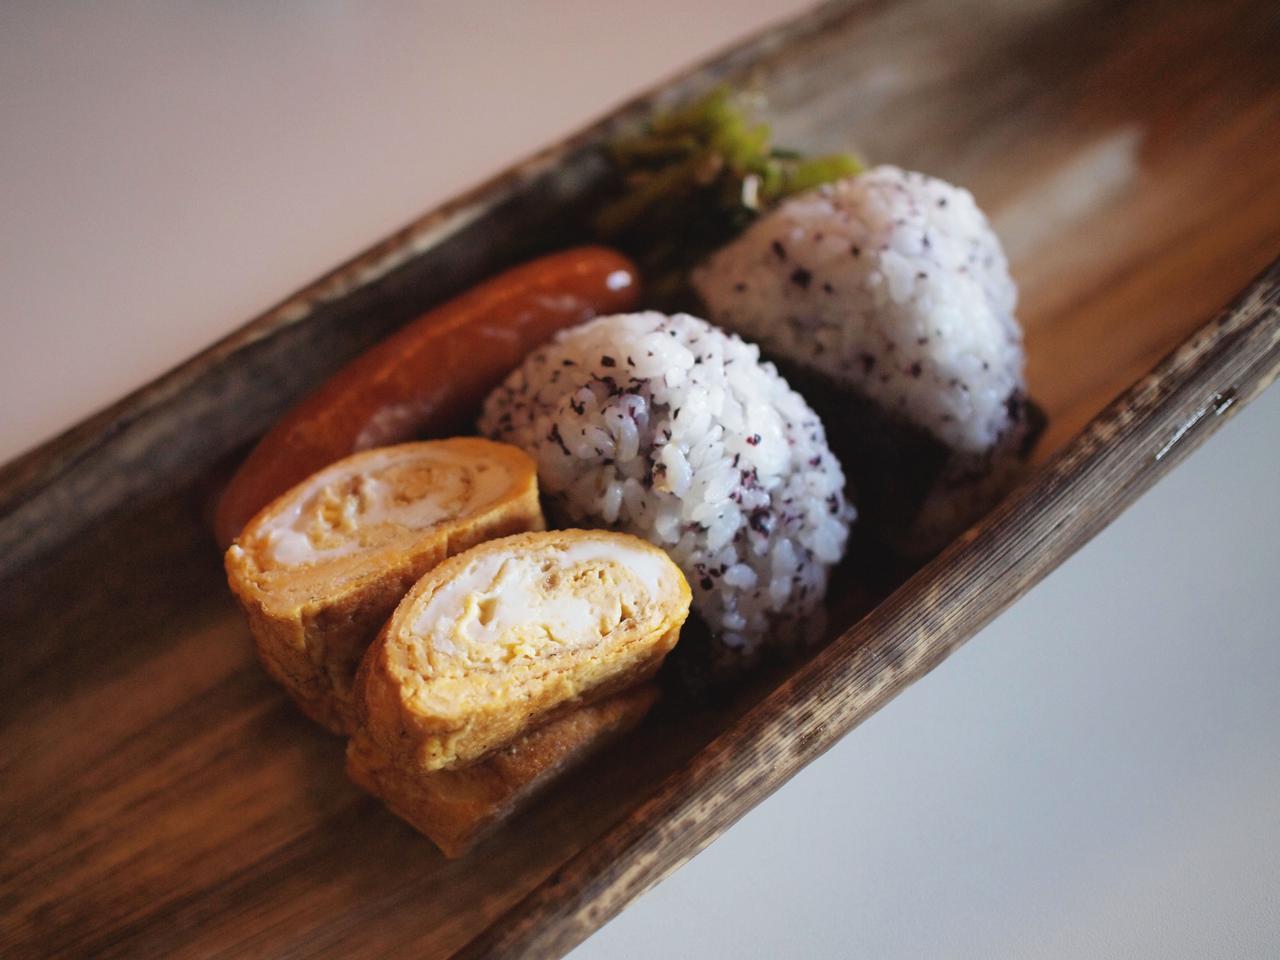 画像: 何てことないシンプルなお弁当の中身も、竹皮のさわやかないい香りがして、よりおいしく感じます